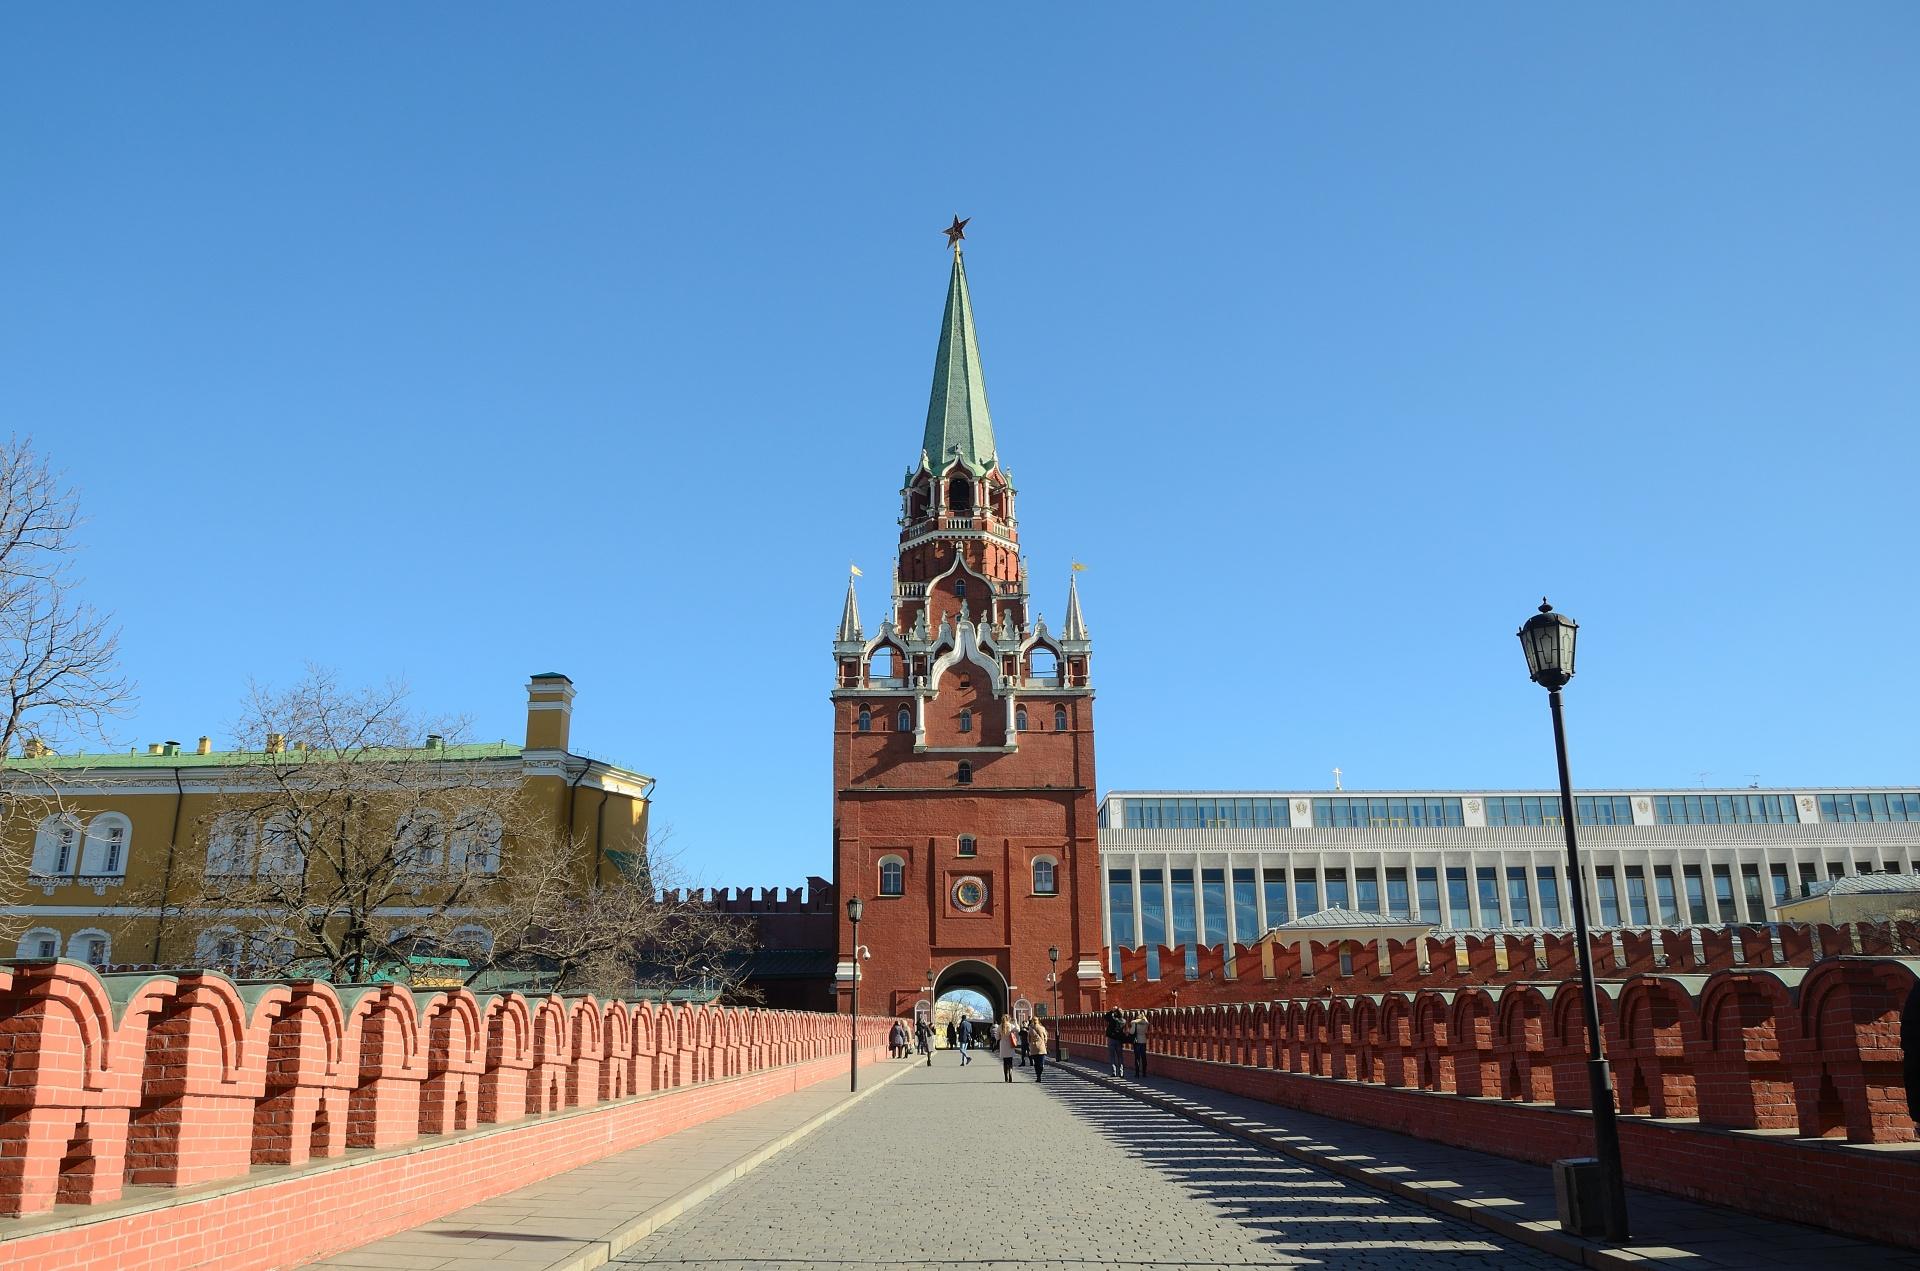 moscow-kremlin-1491064957iZm (1)